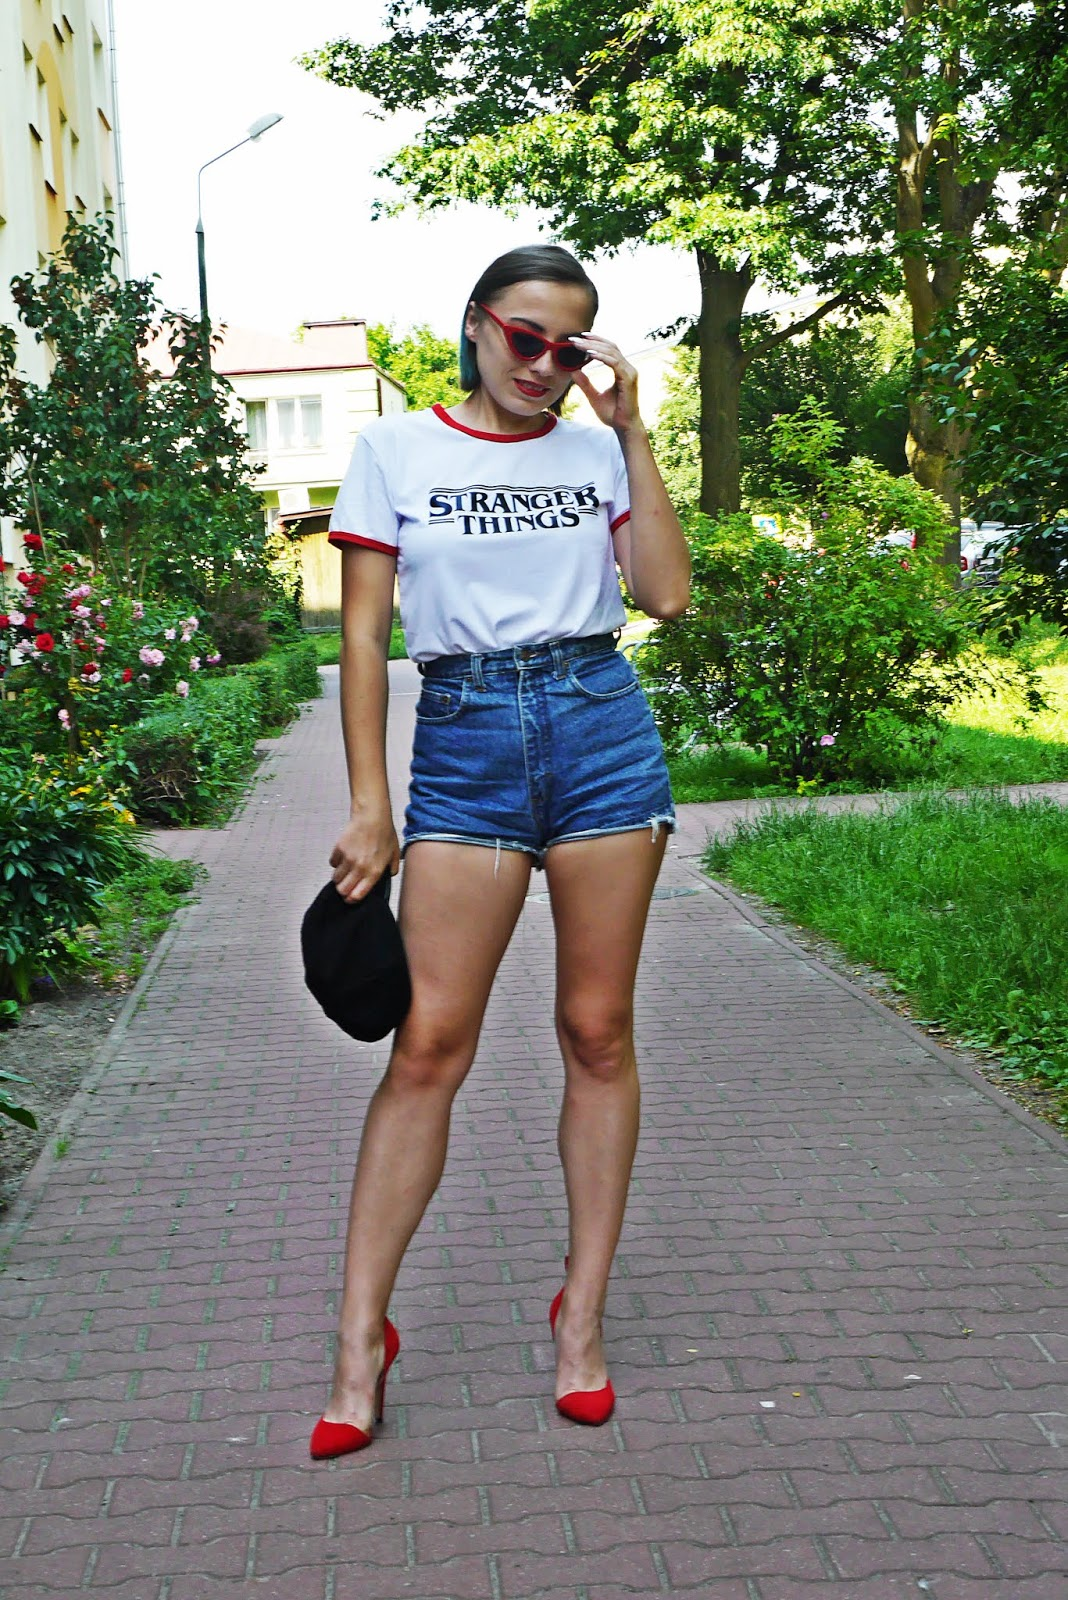 6_stranger_things_t-shirt_szorty_z-wysokim_stanem_czerwone_okulary_trojkaty_karyn_blog_modowy_040618